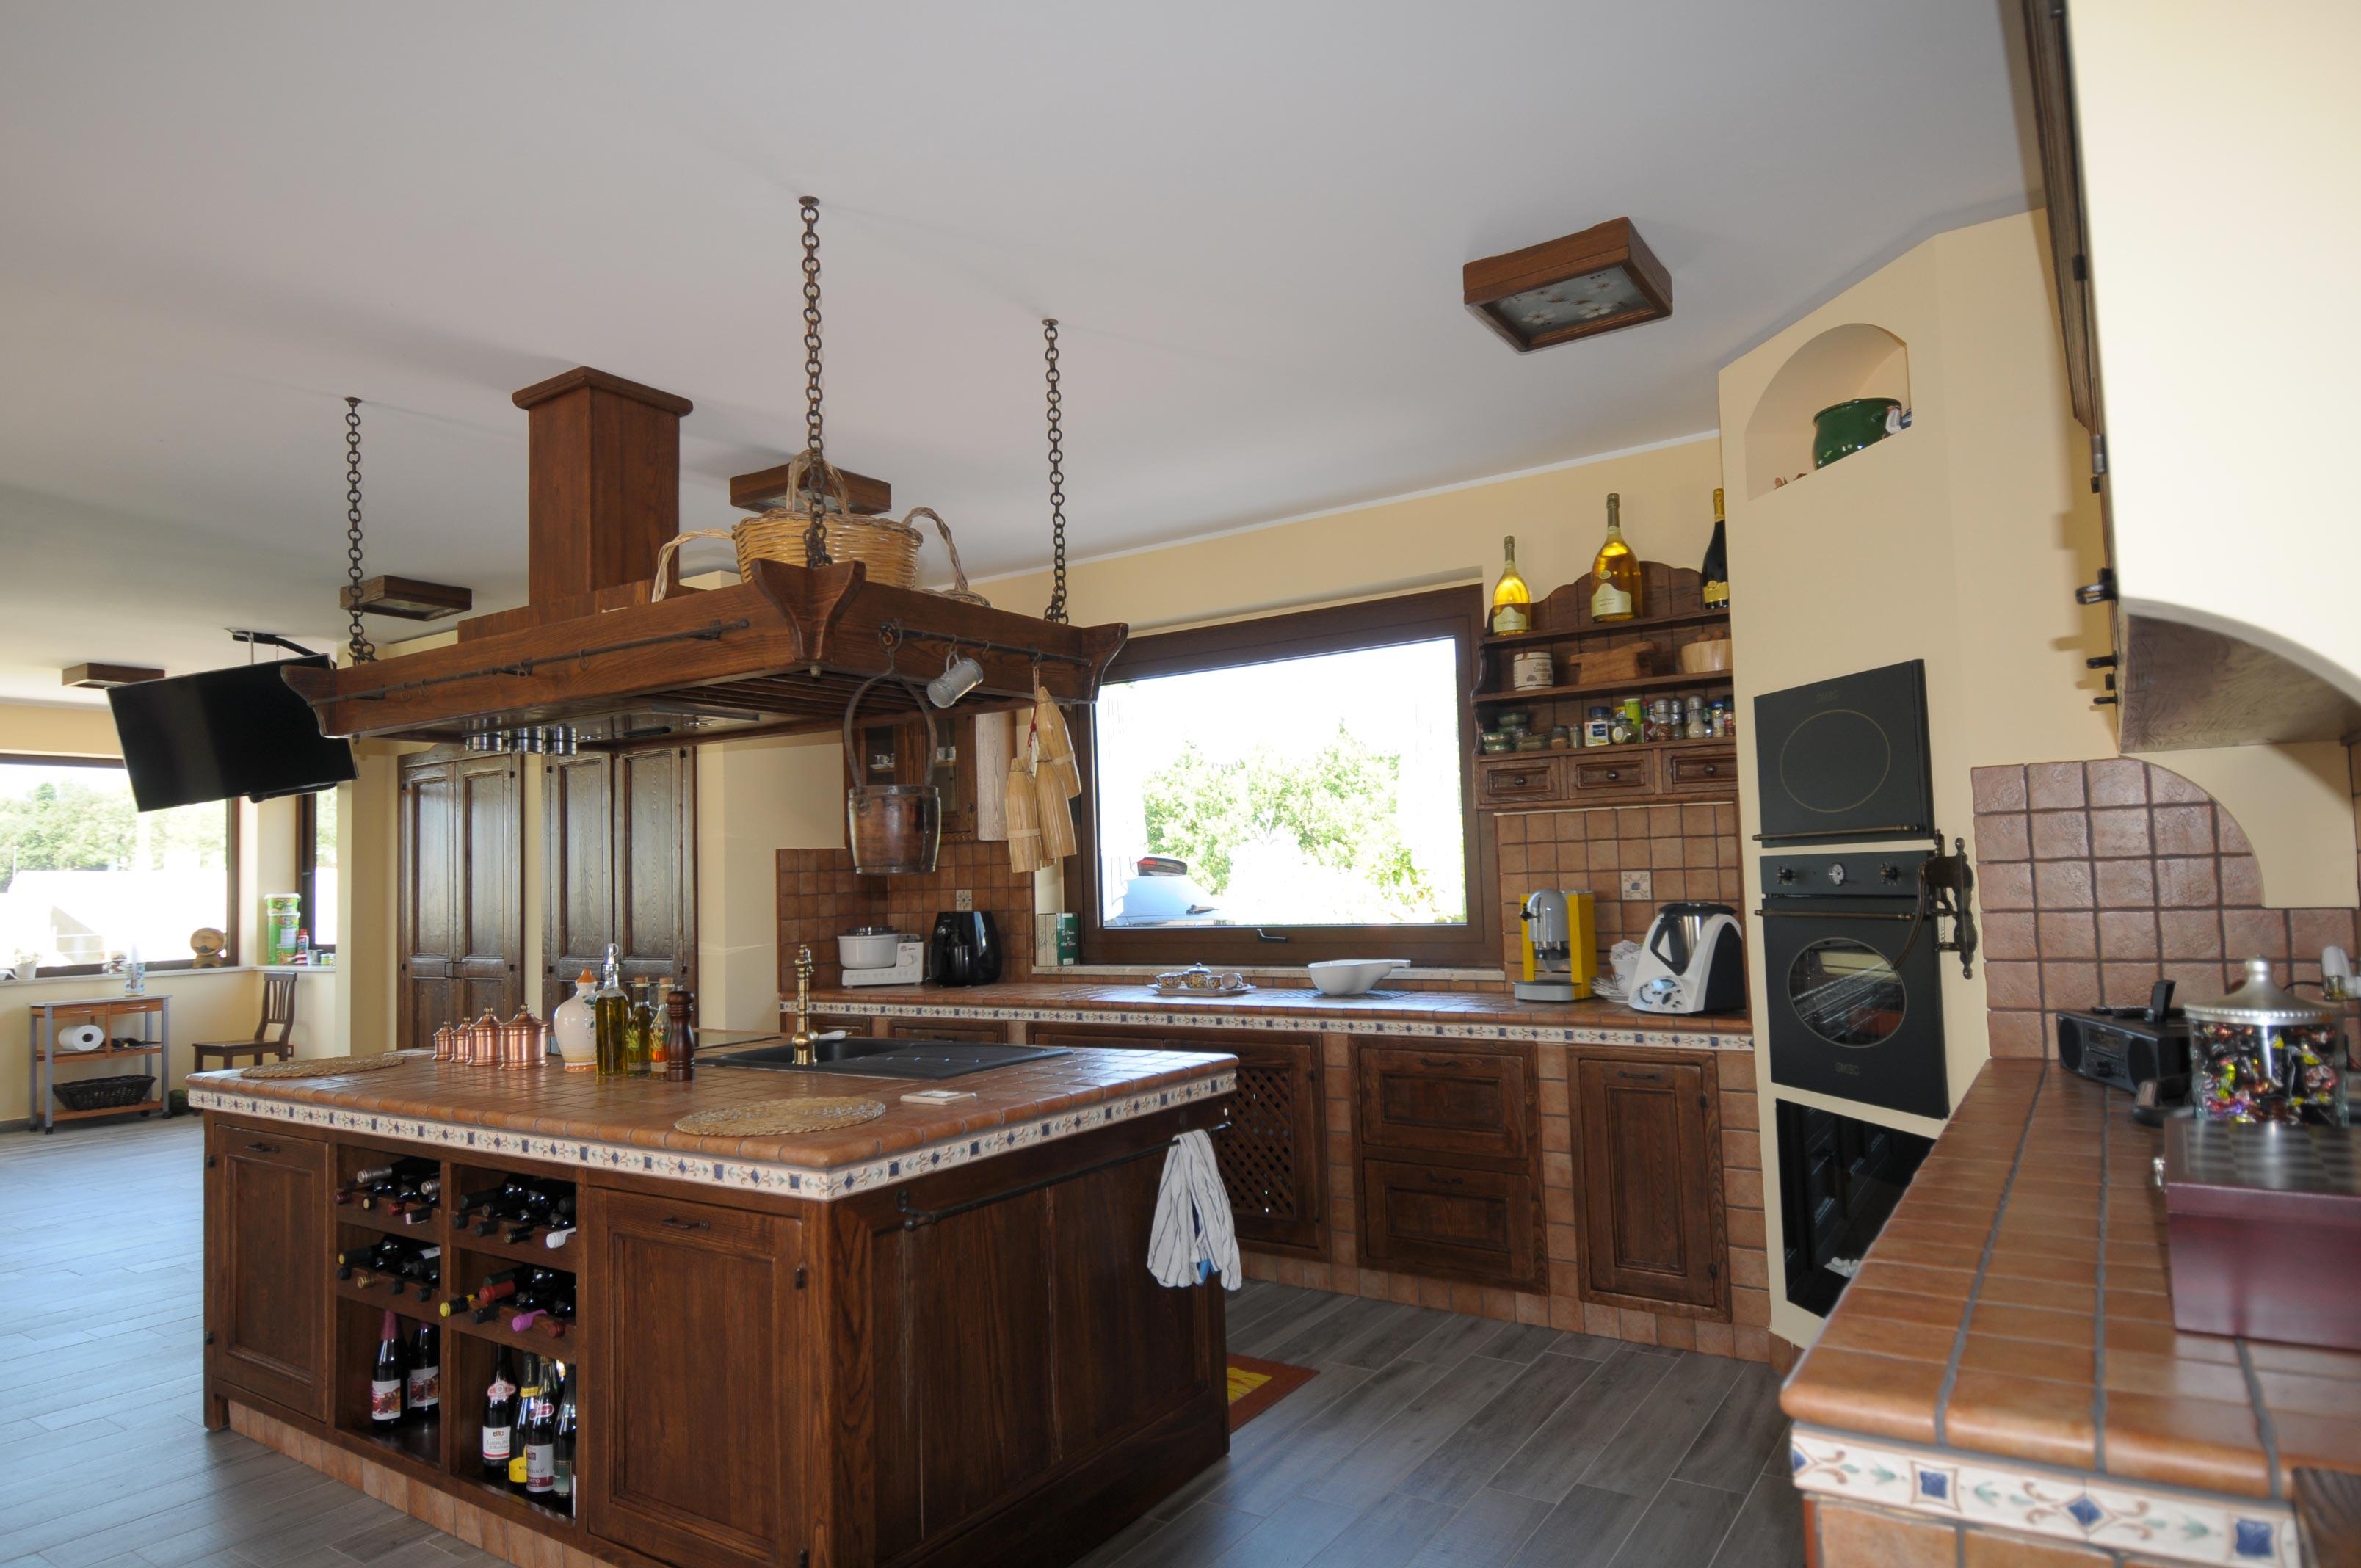 Cucine in muratura | RISTRUTTURAZIONI E ARREDAMENTI IN STILE COUNTRY